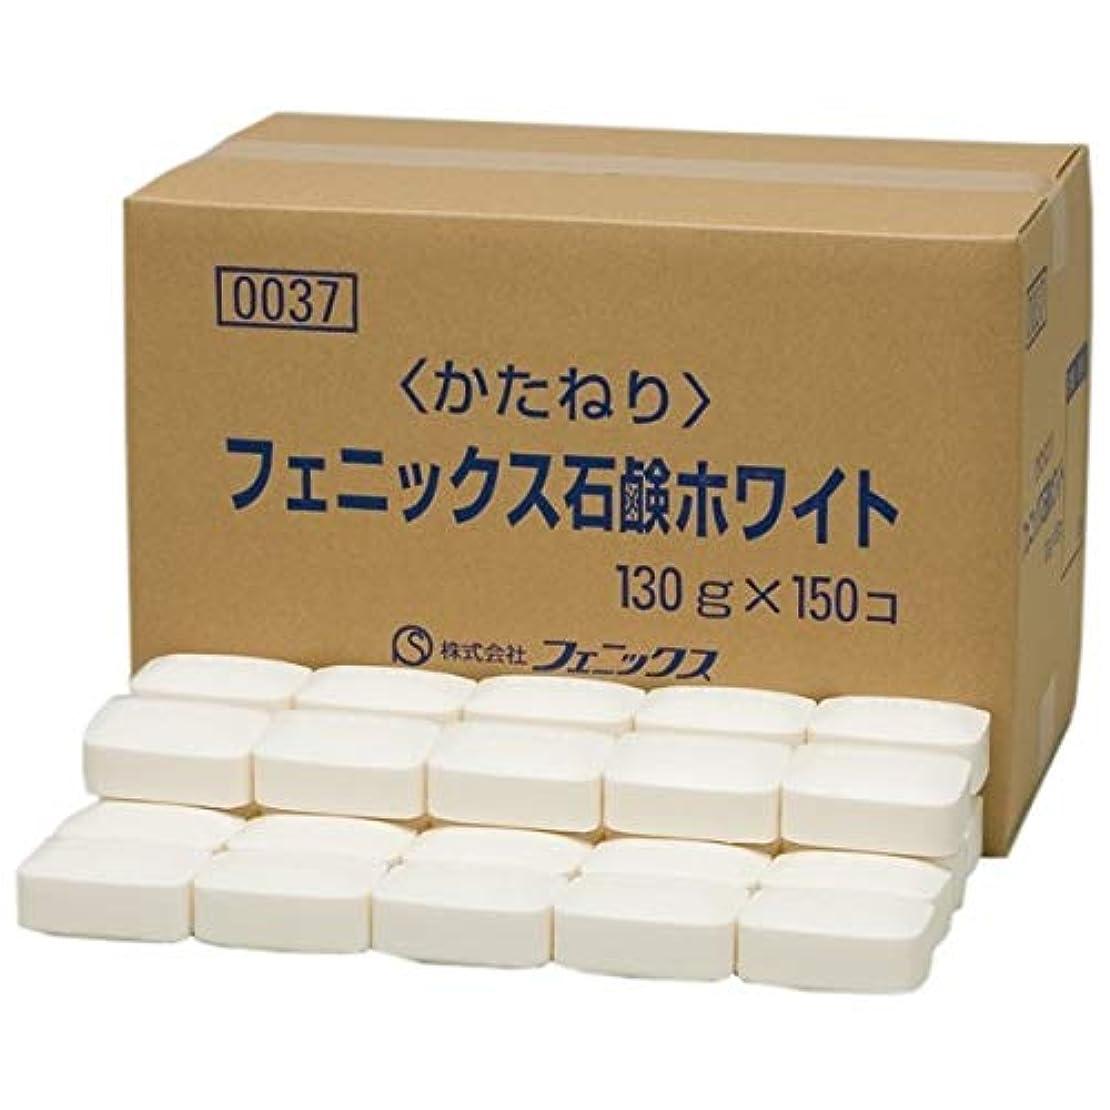 衣類中庭適度にフェニックスホワイト石鹸 130g×150個入